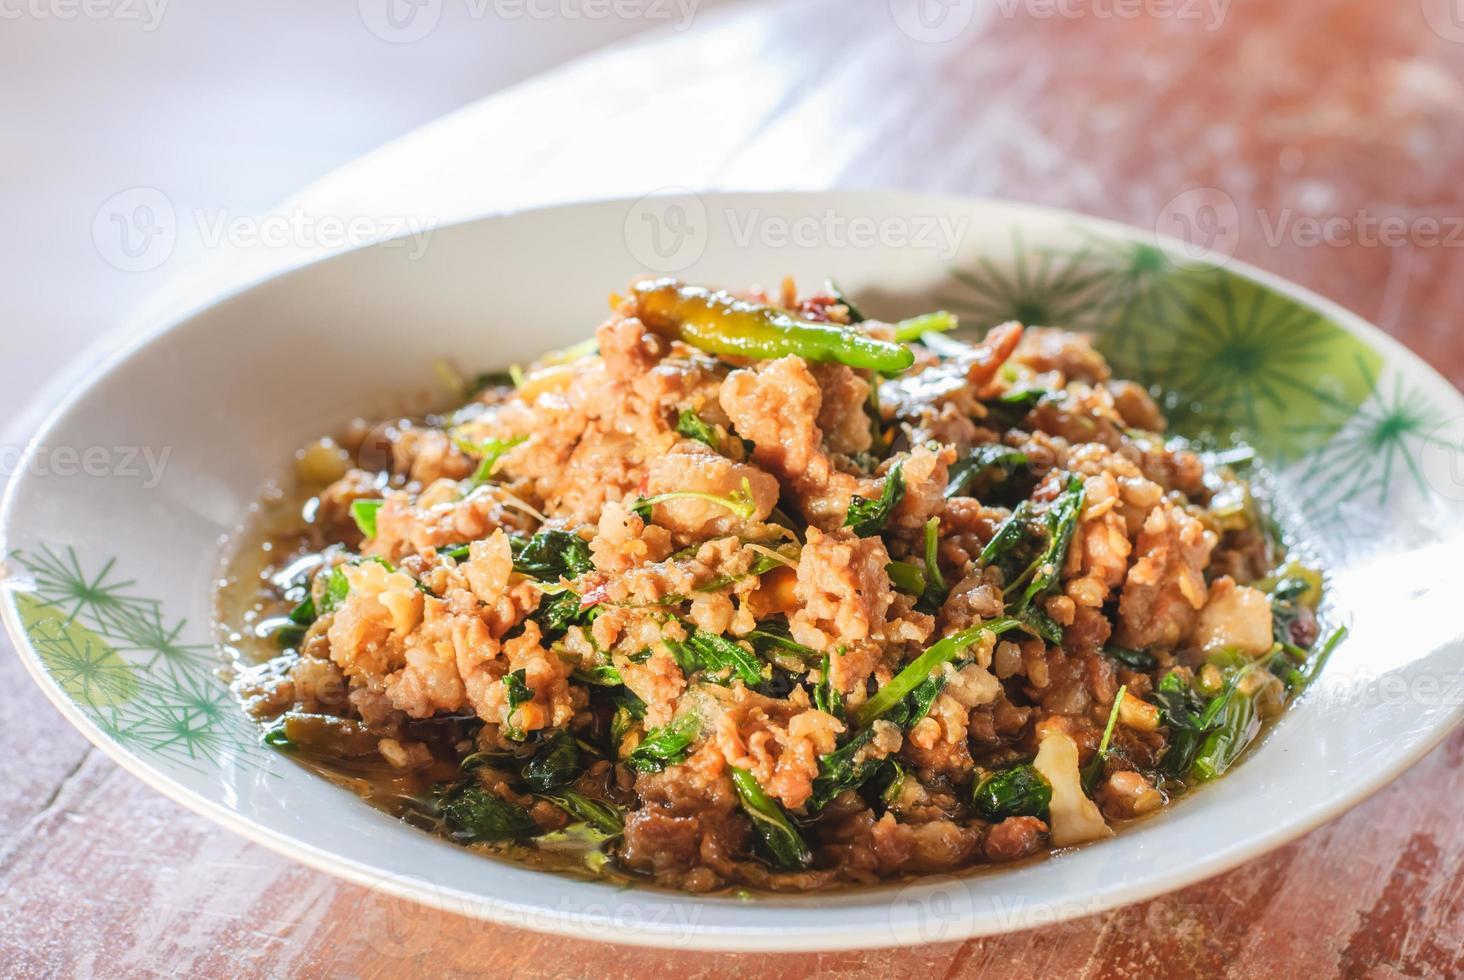 thailändisches scharfes Essen foto